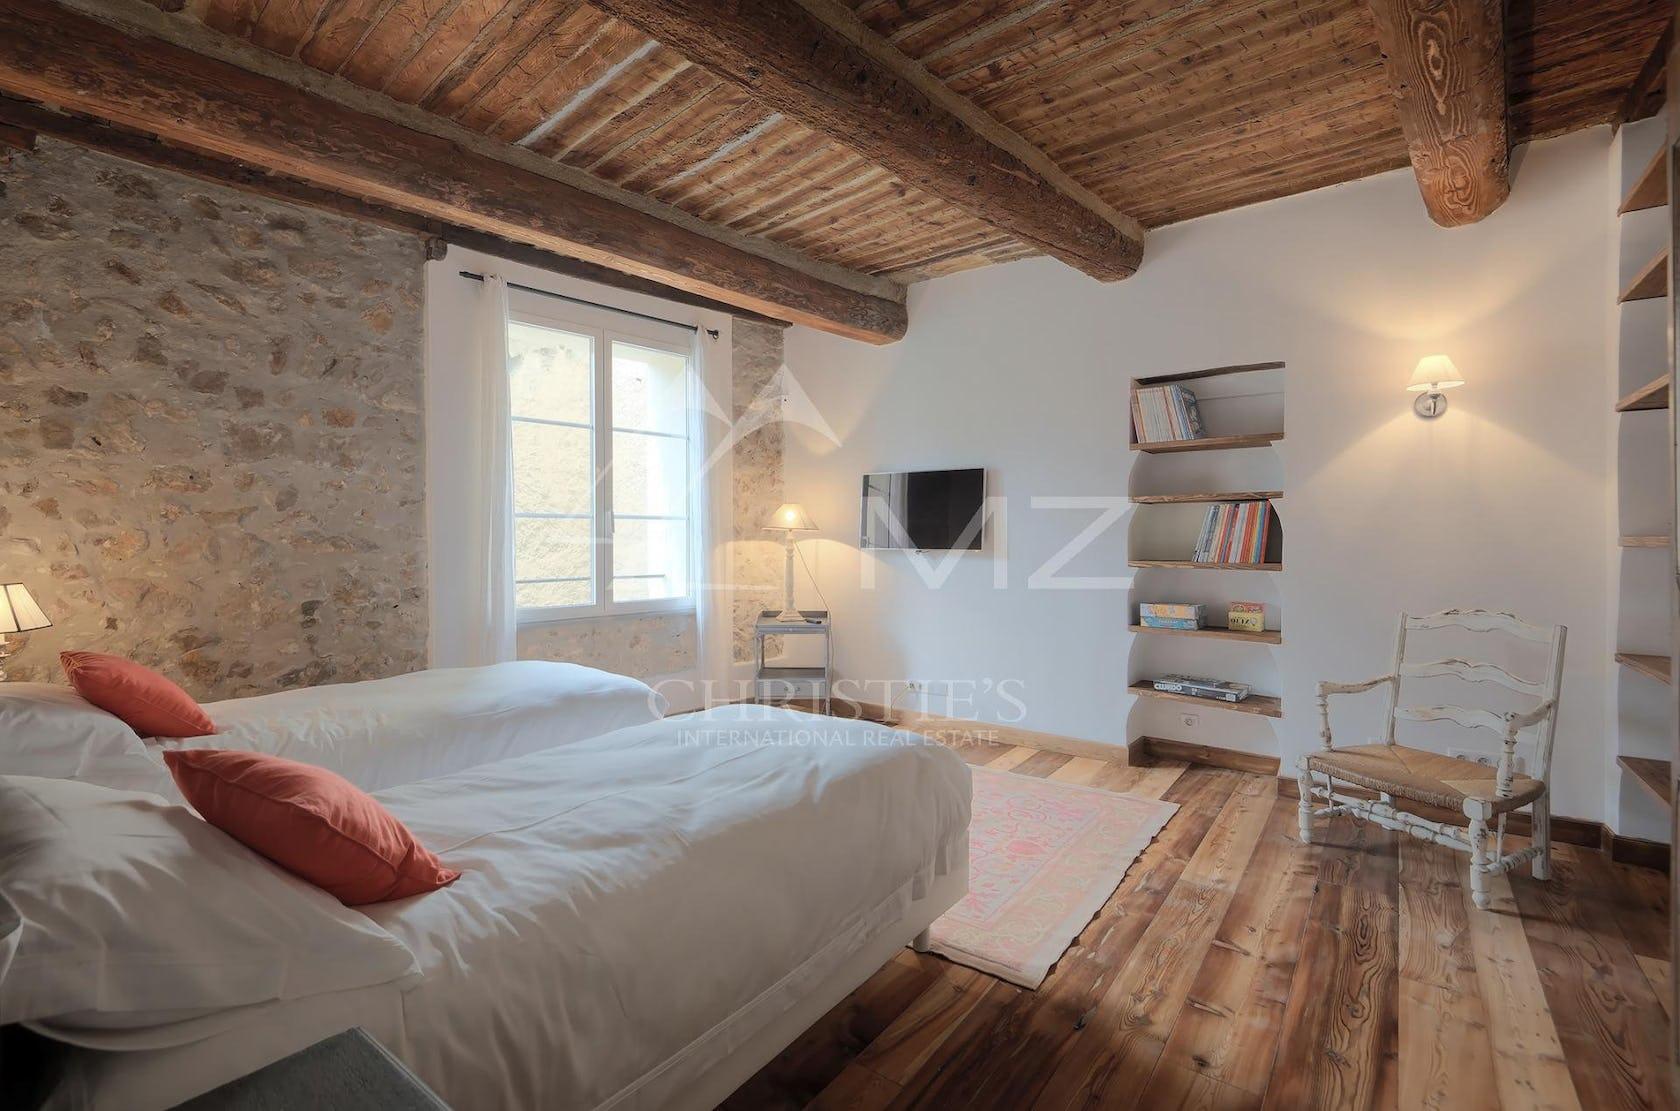 wood flooring furniture bed hardwood bedroom indoors room interior design floor